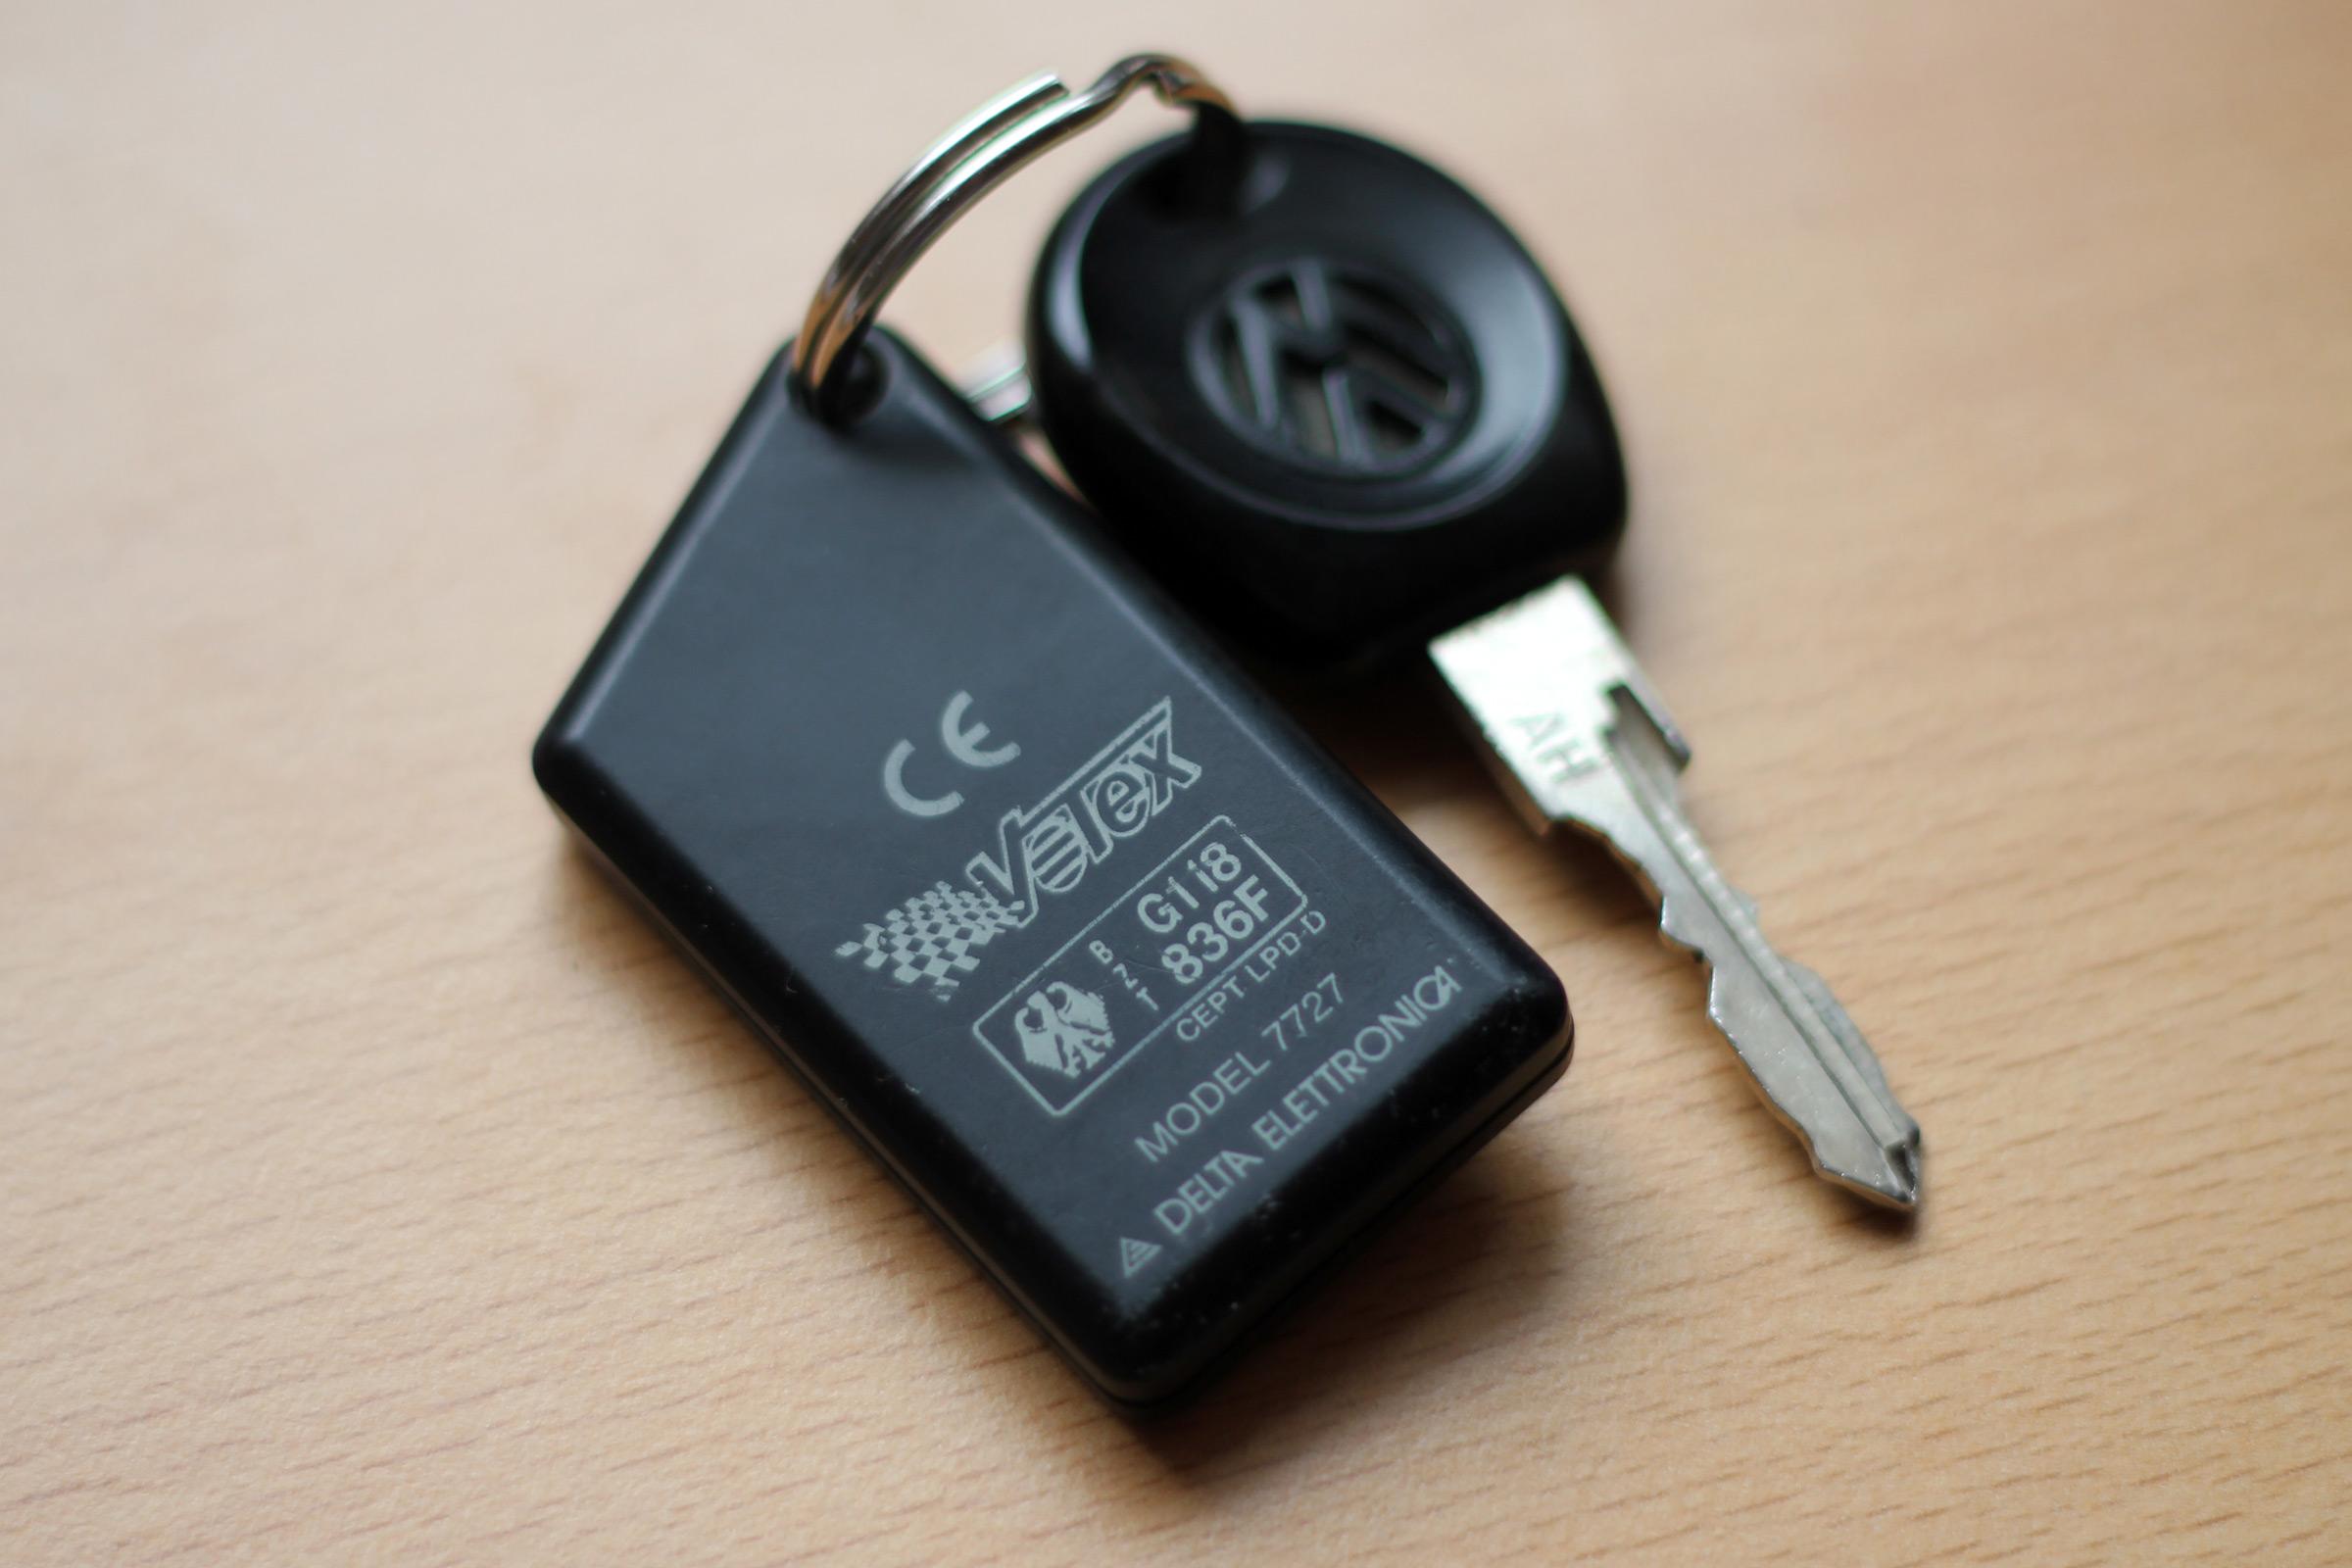 Votex 7727 Zentralverriegelung bzw. Fernbedienung nach Batteriewechsel neu anlernen und codieren